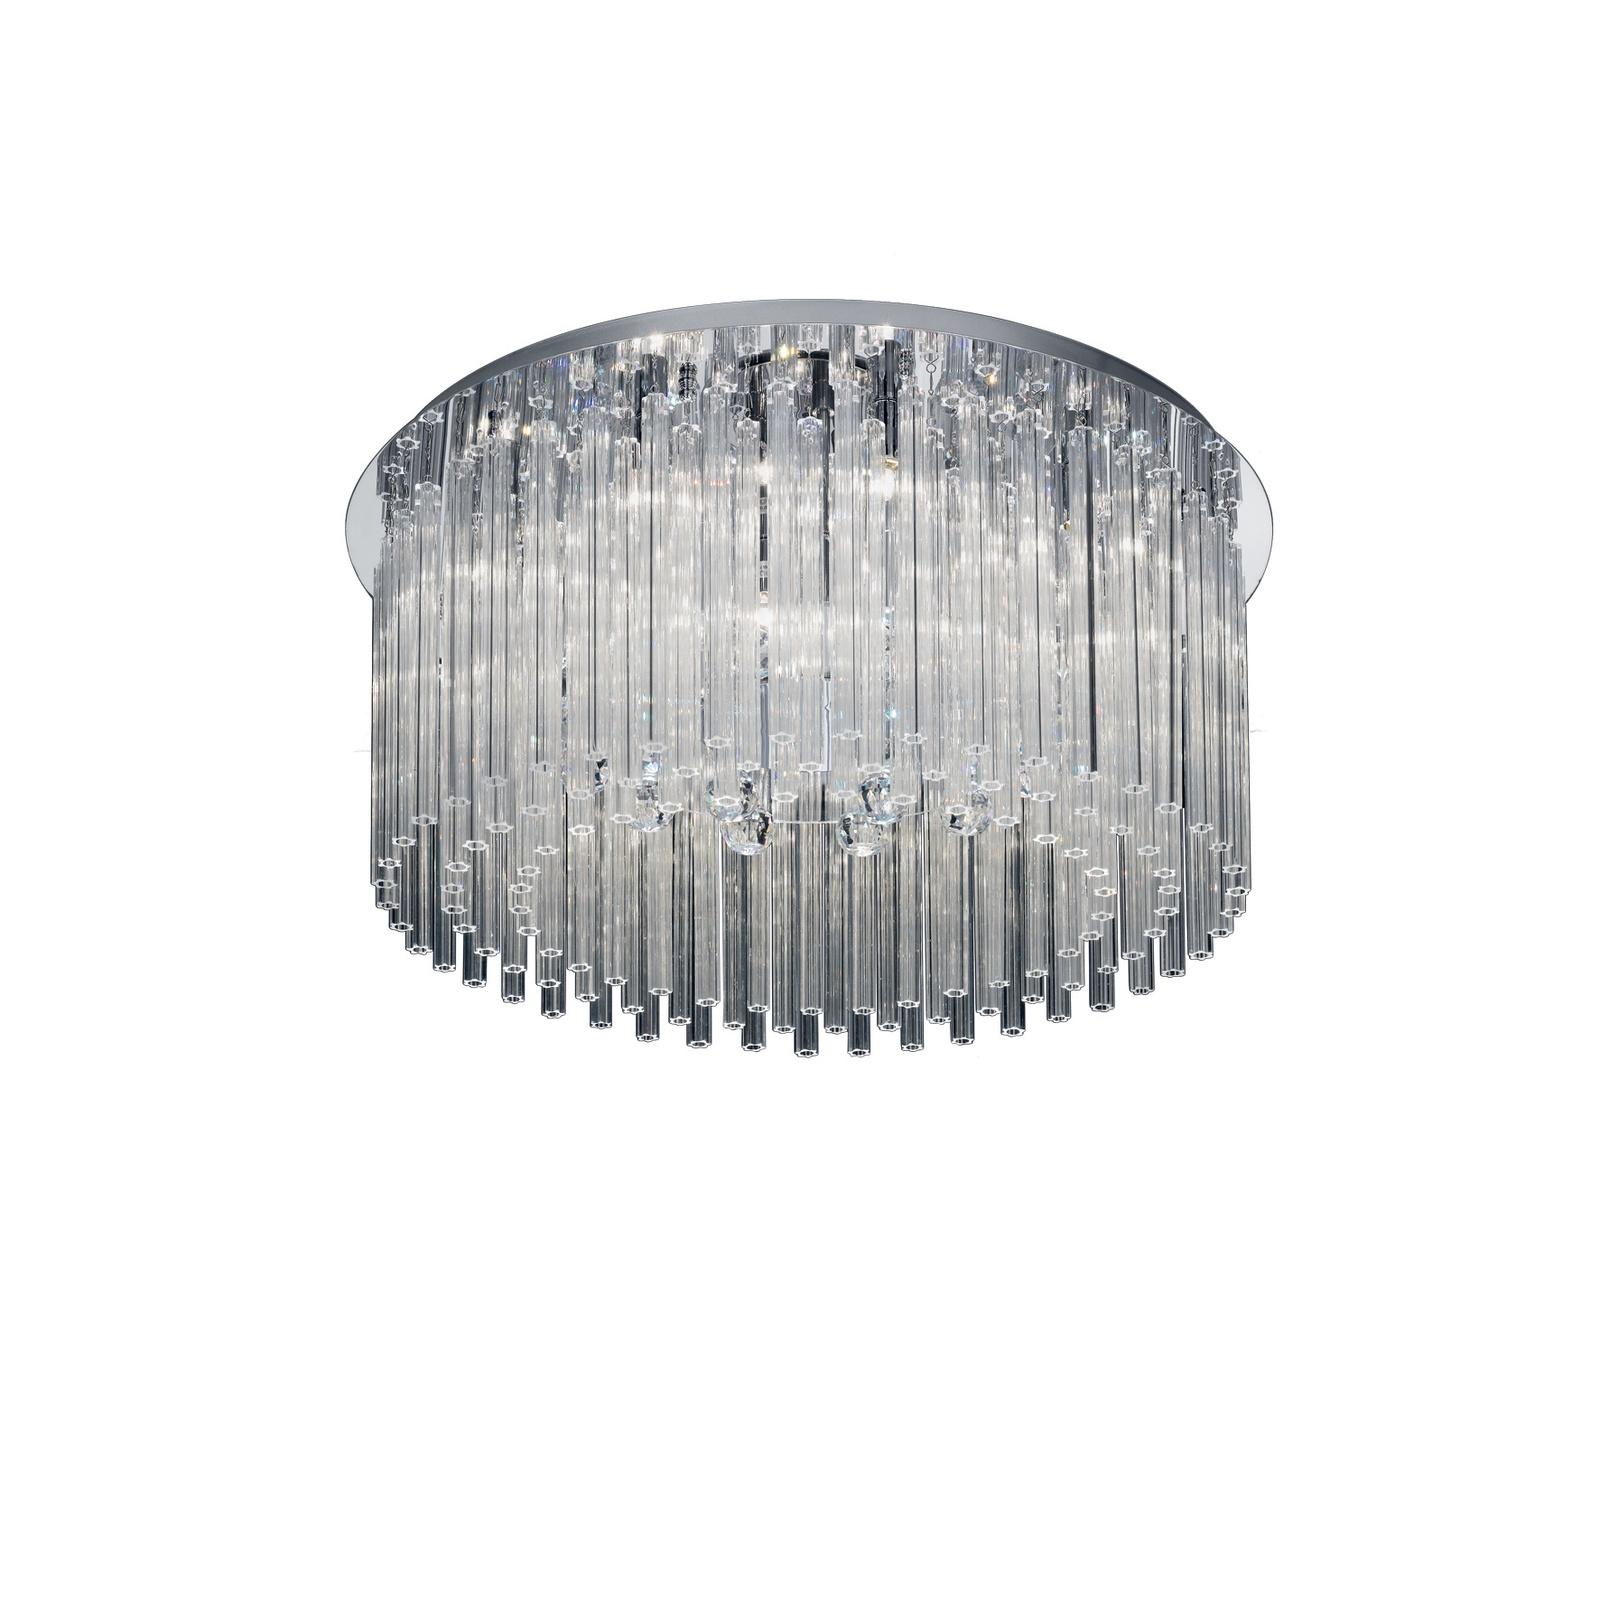 Потолочный светильник Ideal Lux PL12 ideal lux потолочный светильник ideal lux neve pl12 bianco